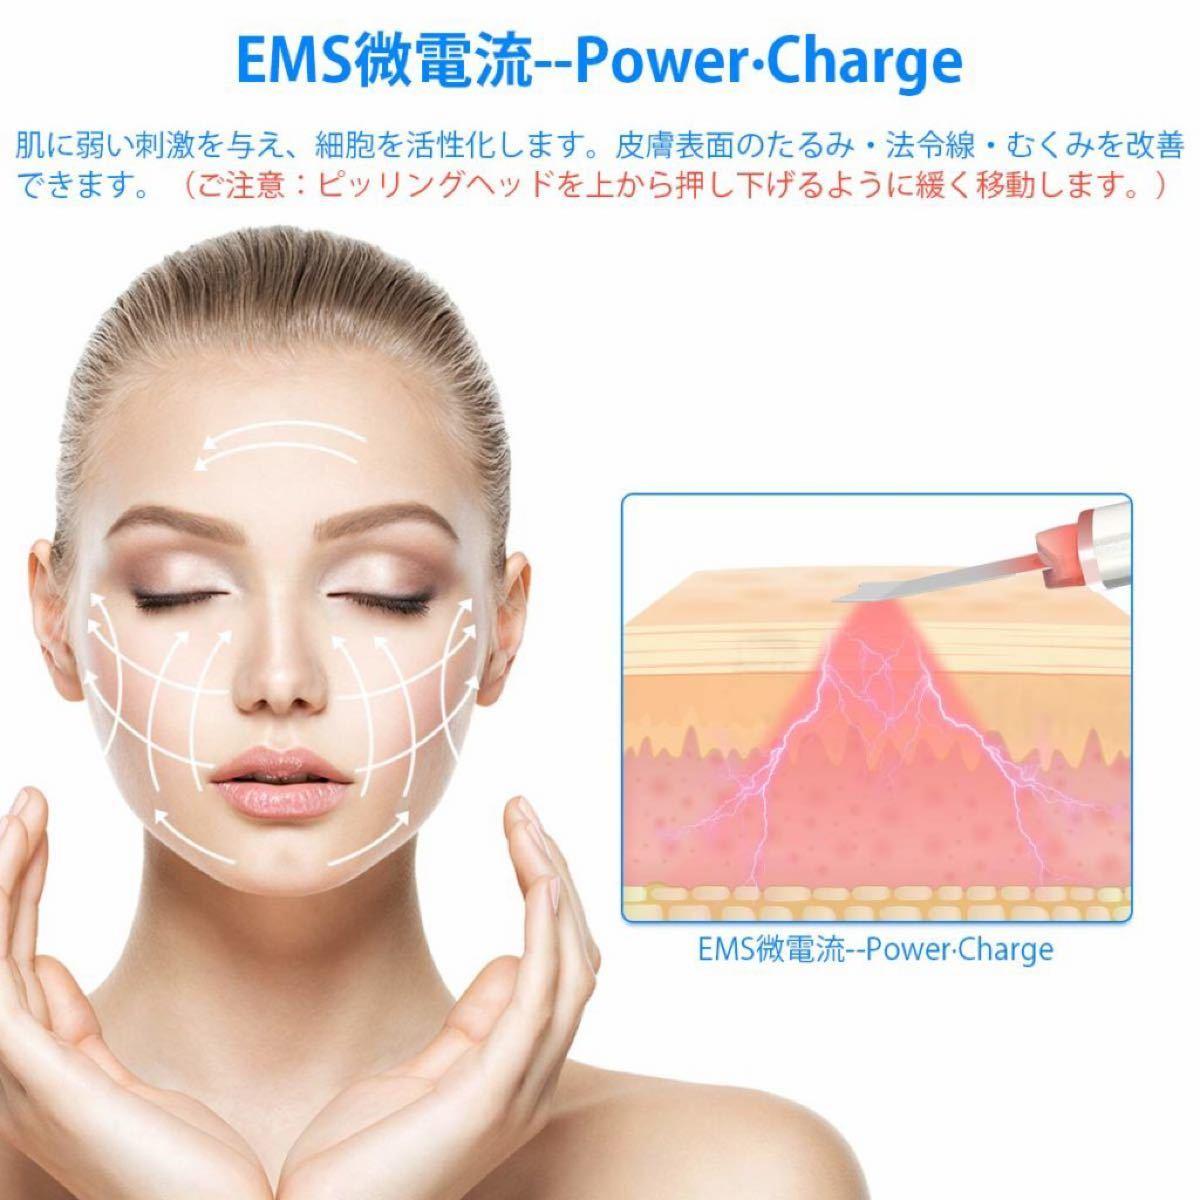 【新品】 ウォーターピーリング 美顔器 超音波 イオン導入 黒ずみ 汚れ 目元ケア 超音波ピーリング 振動